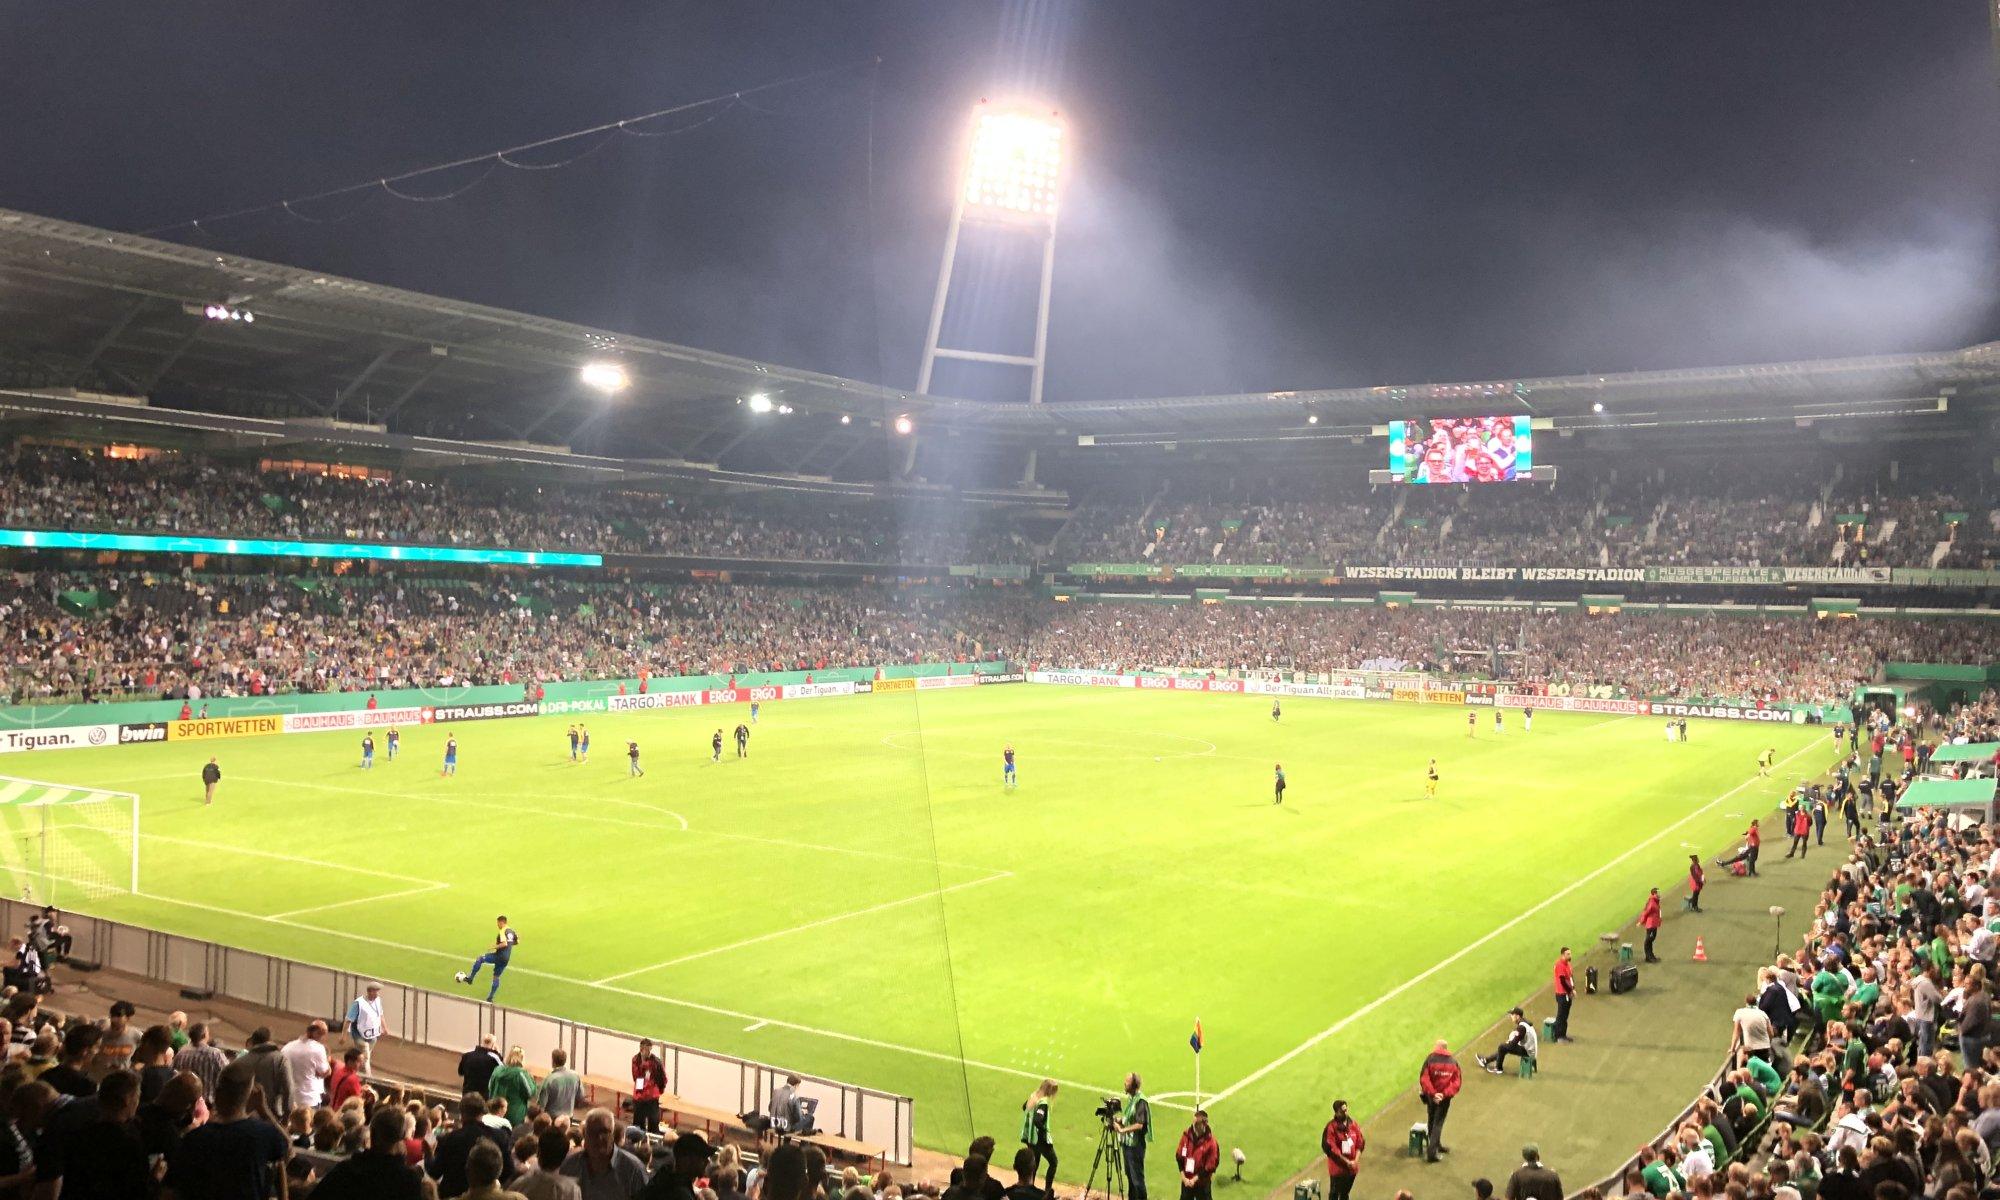 Atlas Delmenhorst vs. Werder Bremen, Weserstadion, Bremen